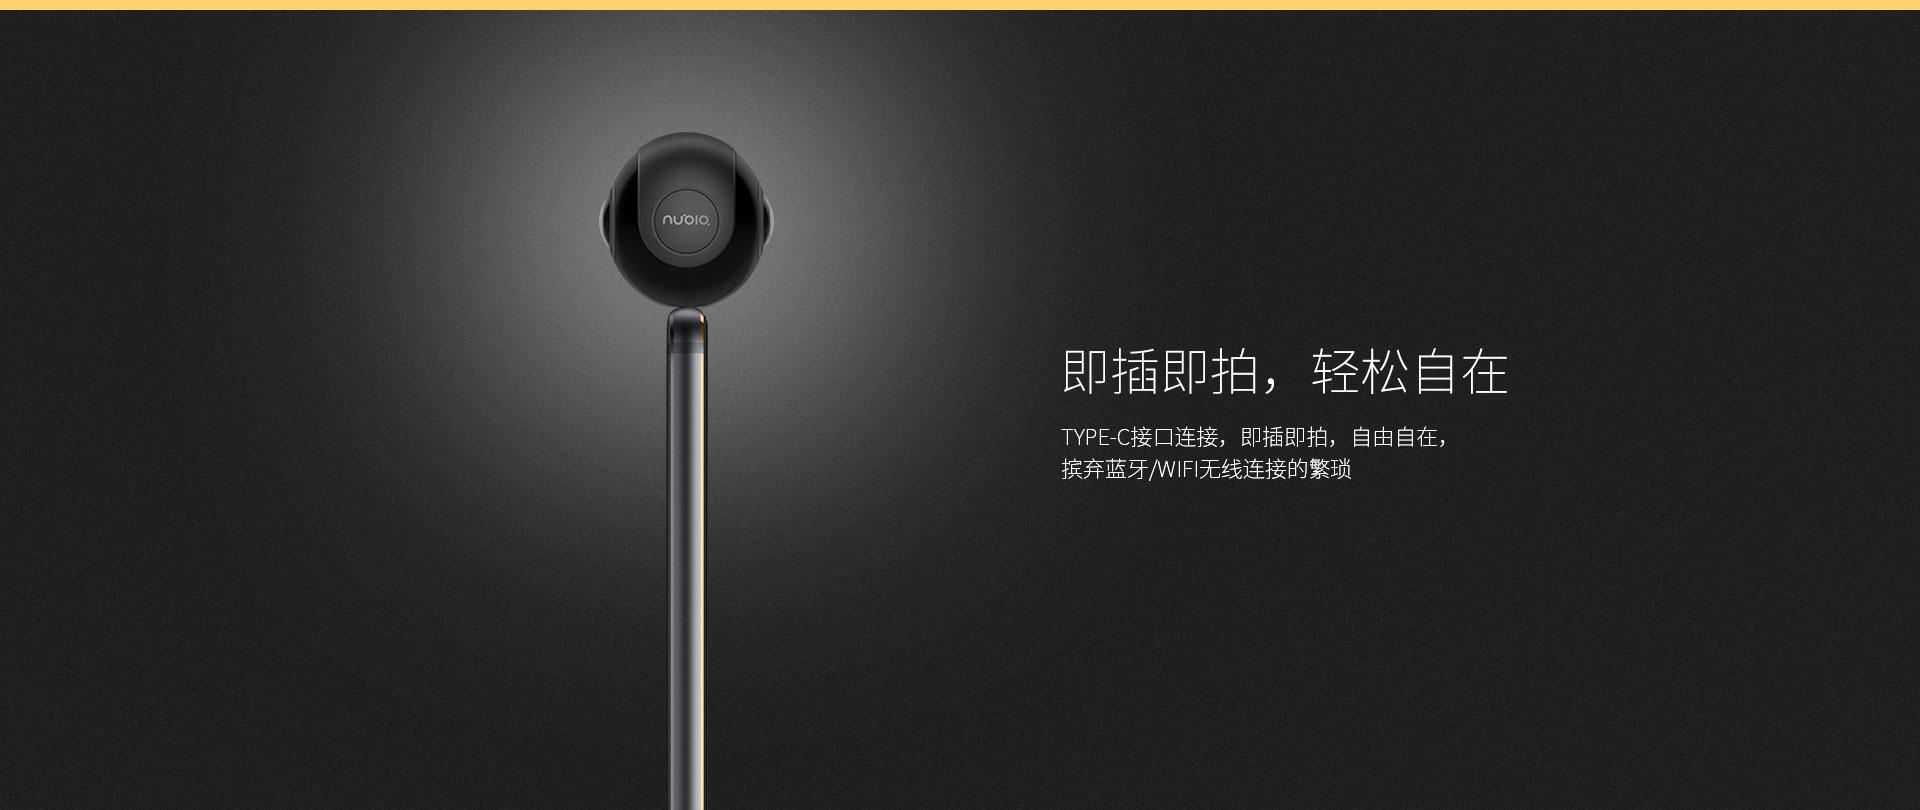 努比亚VR全景相机